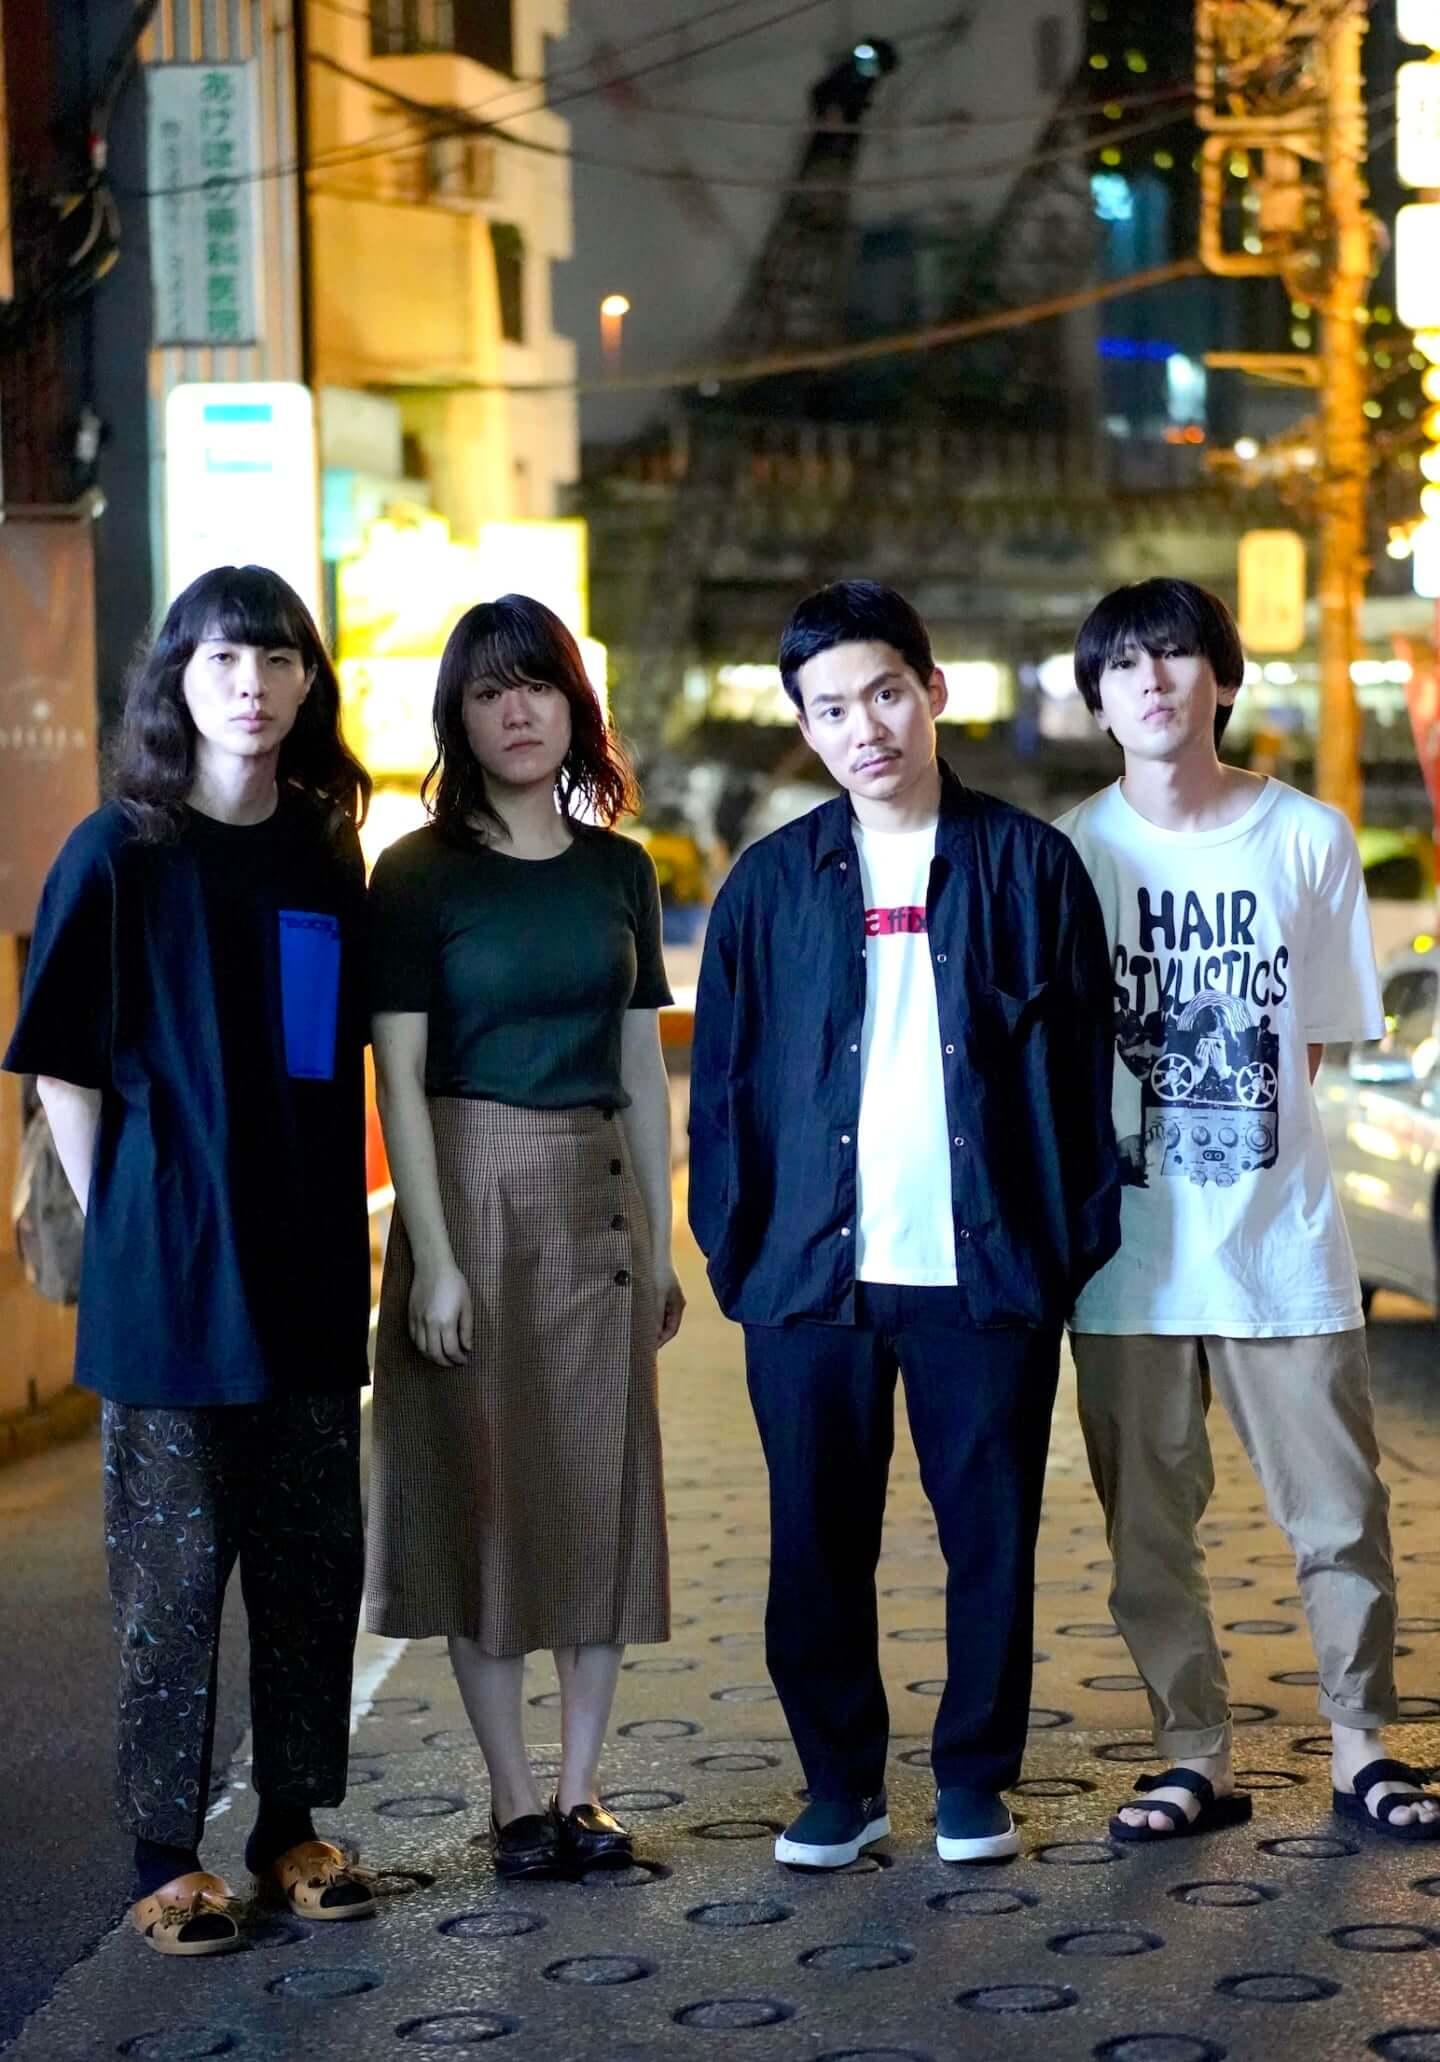 インタビュー|自分の感情から社会へ、Group2が新作『Group2Ⅱ』で表現した新たな情景 interview0924_group2_01-1440x2062